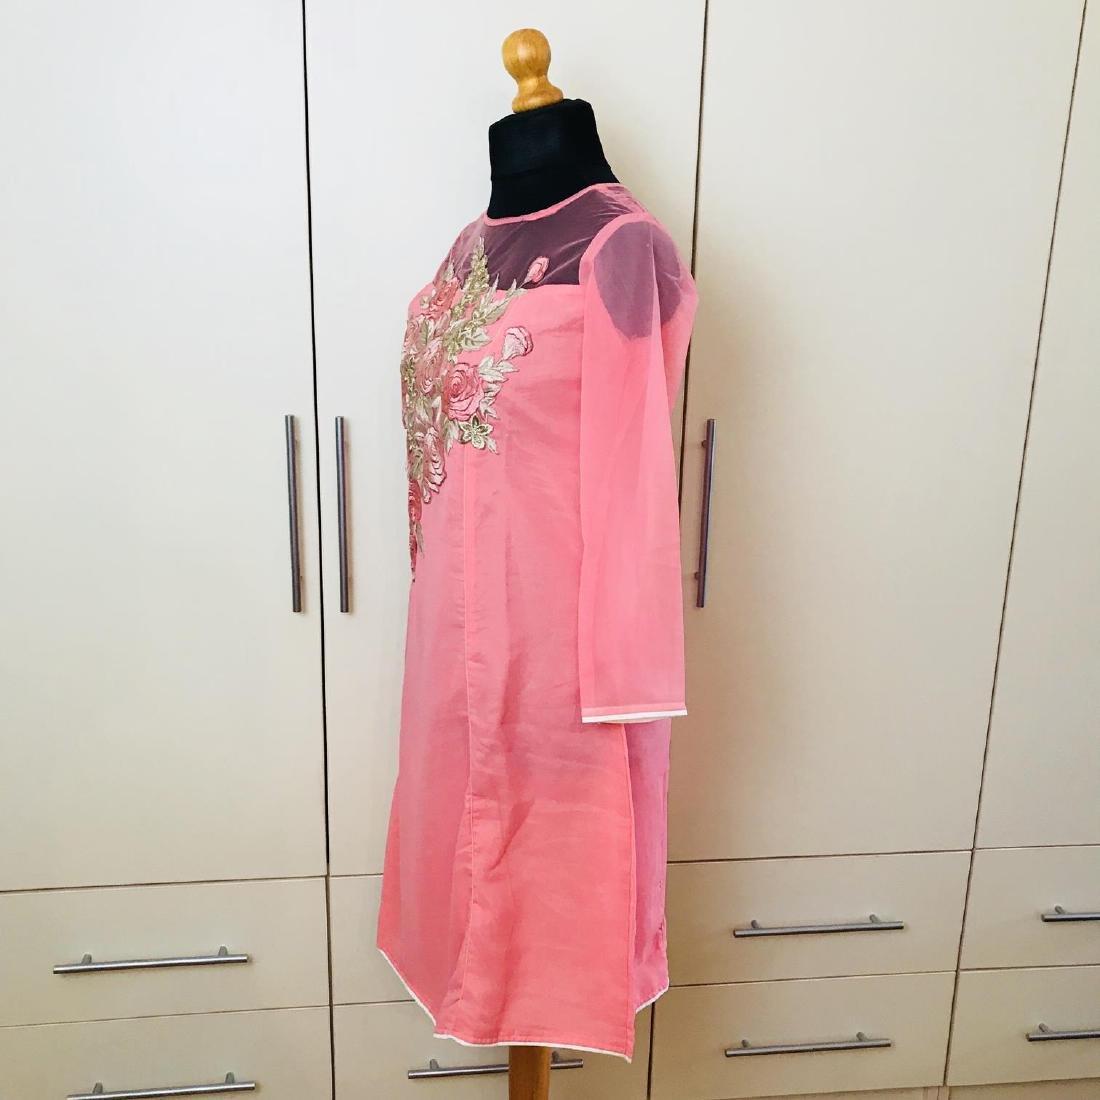 Vintage Women's Pink Party Dress Size US 6 EUR 36 / - 4